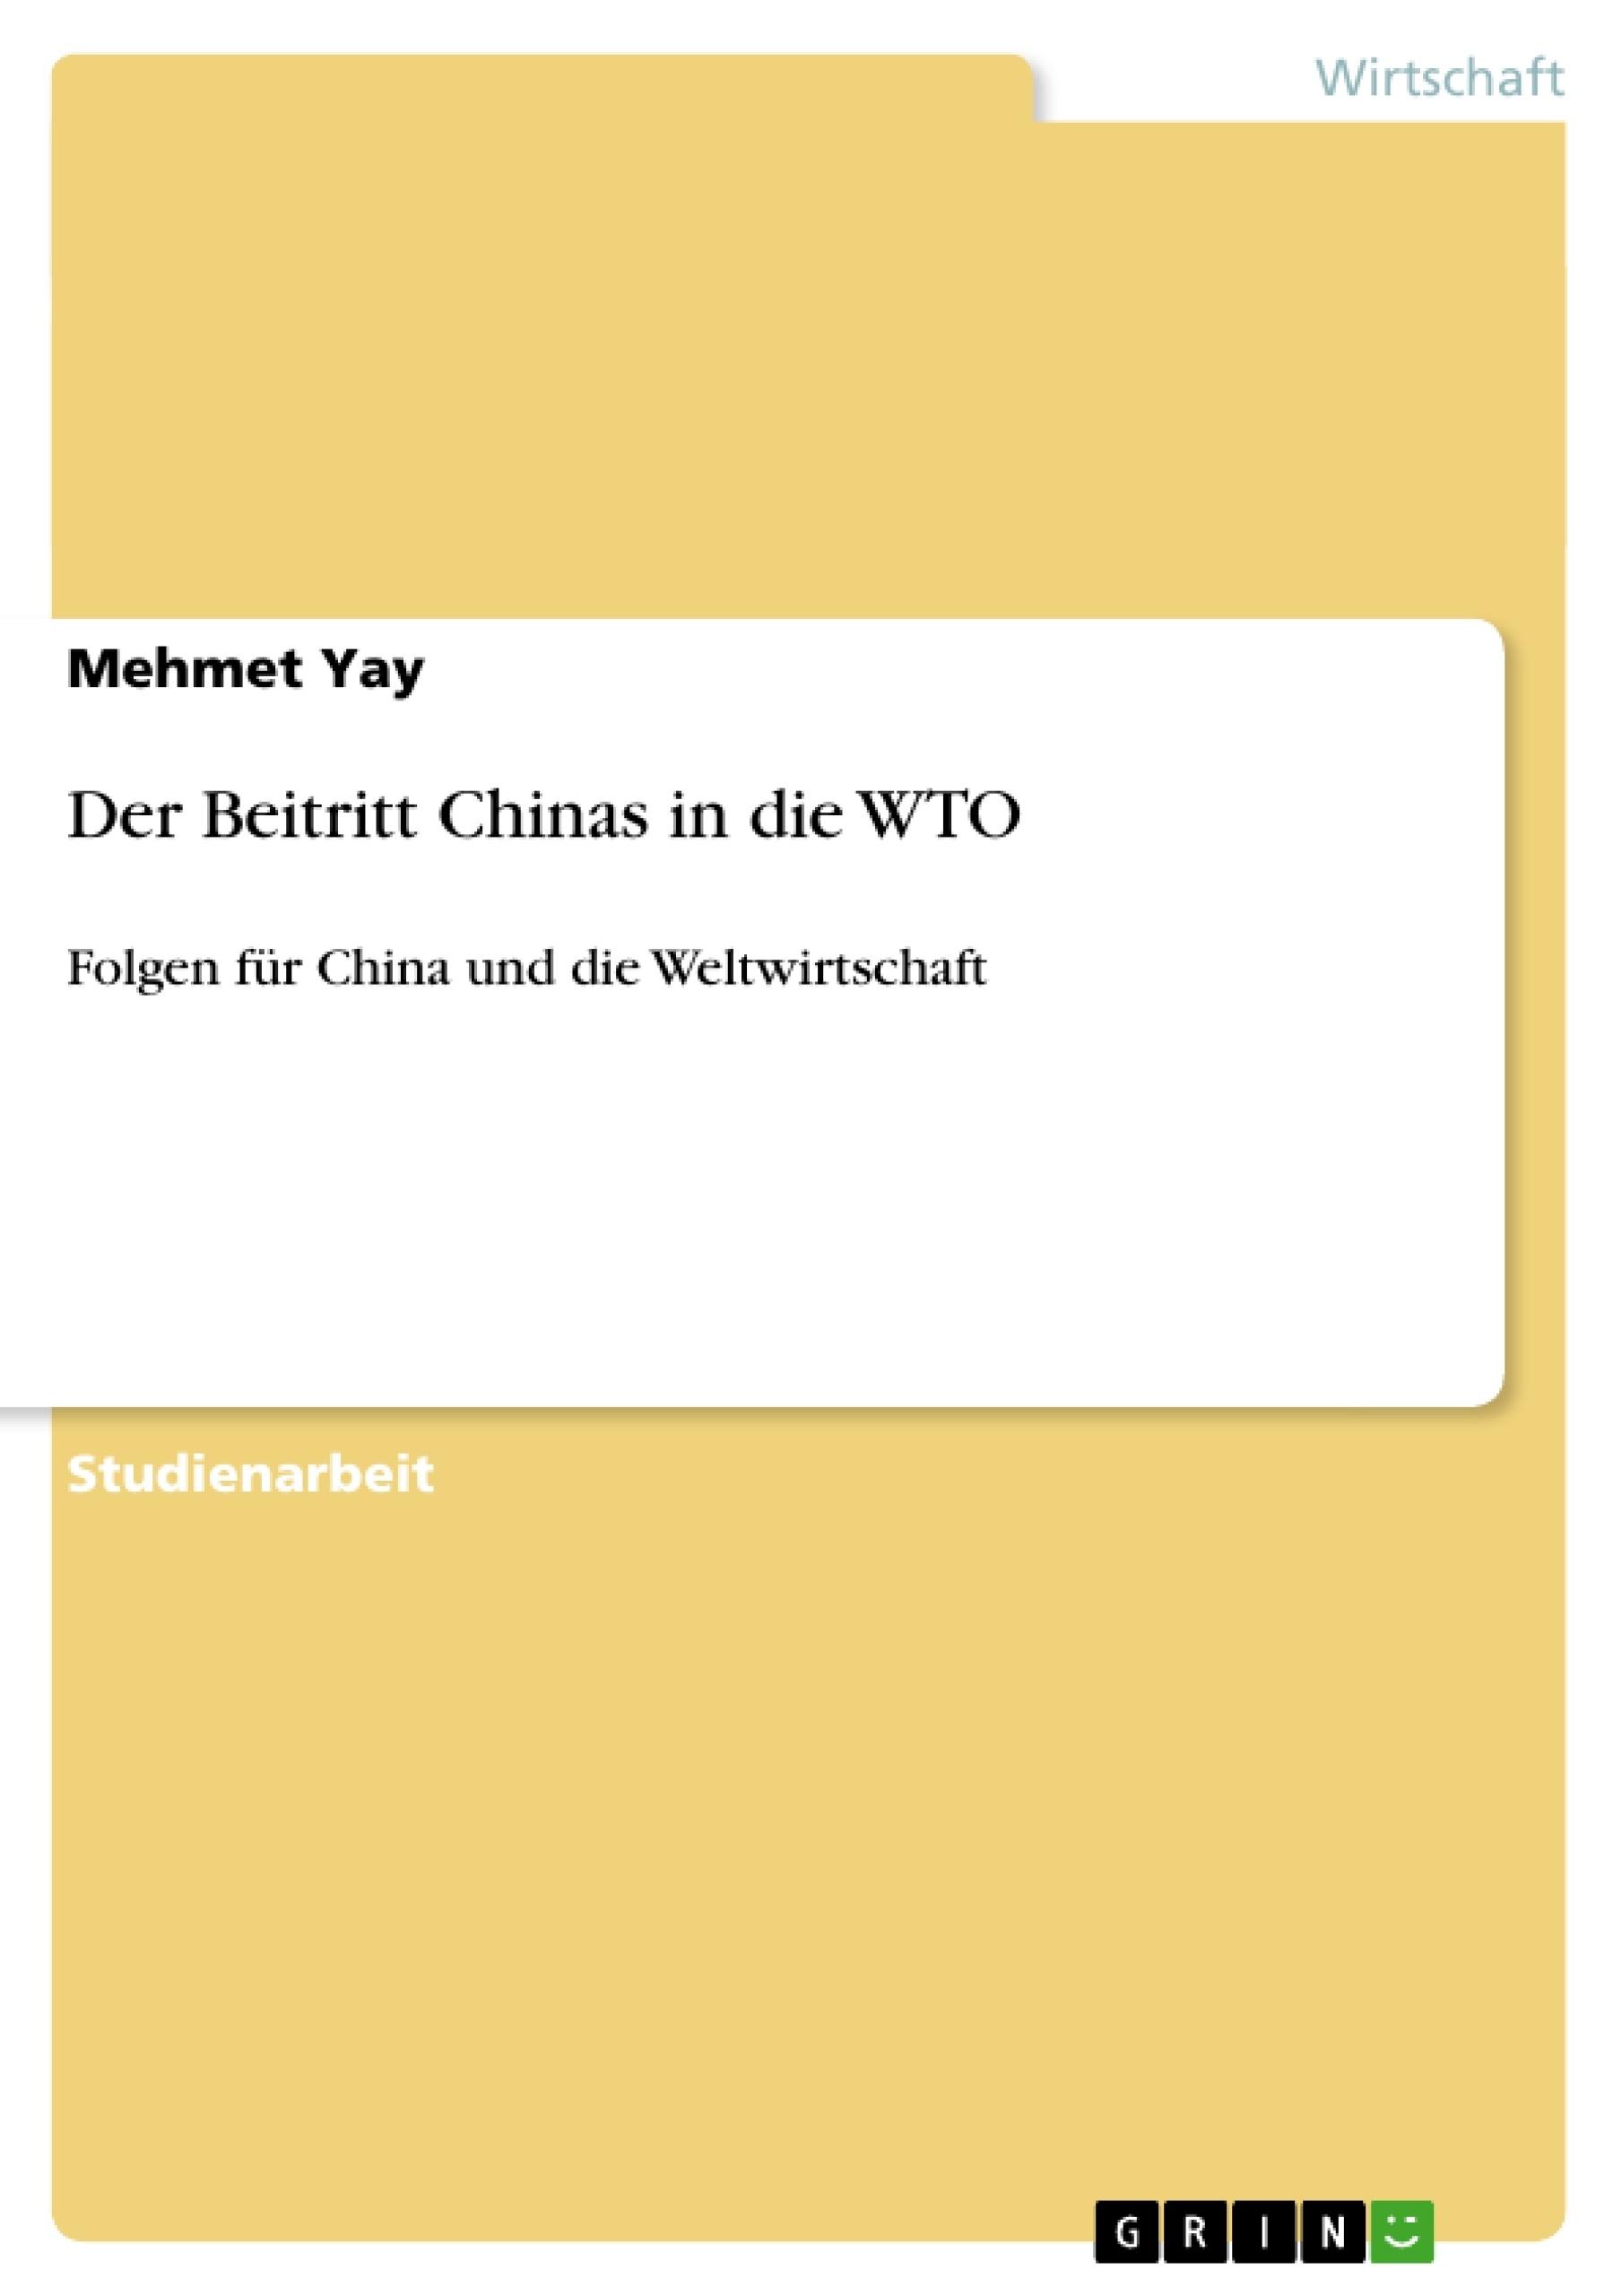 Titel: Der Beitritt Chinas in die WTO